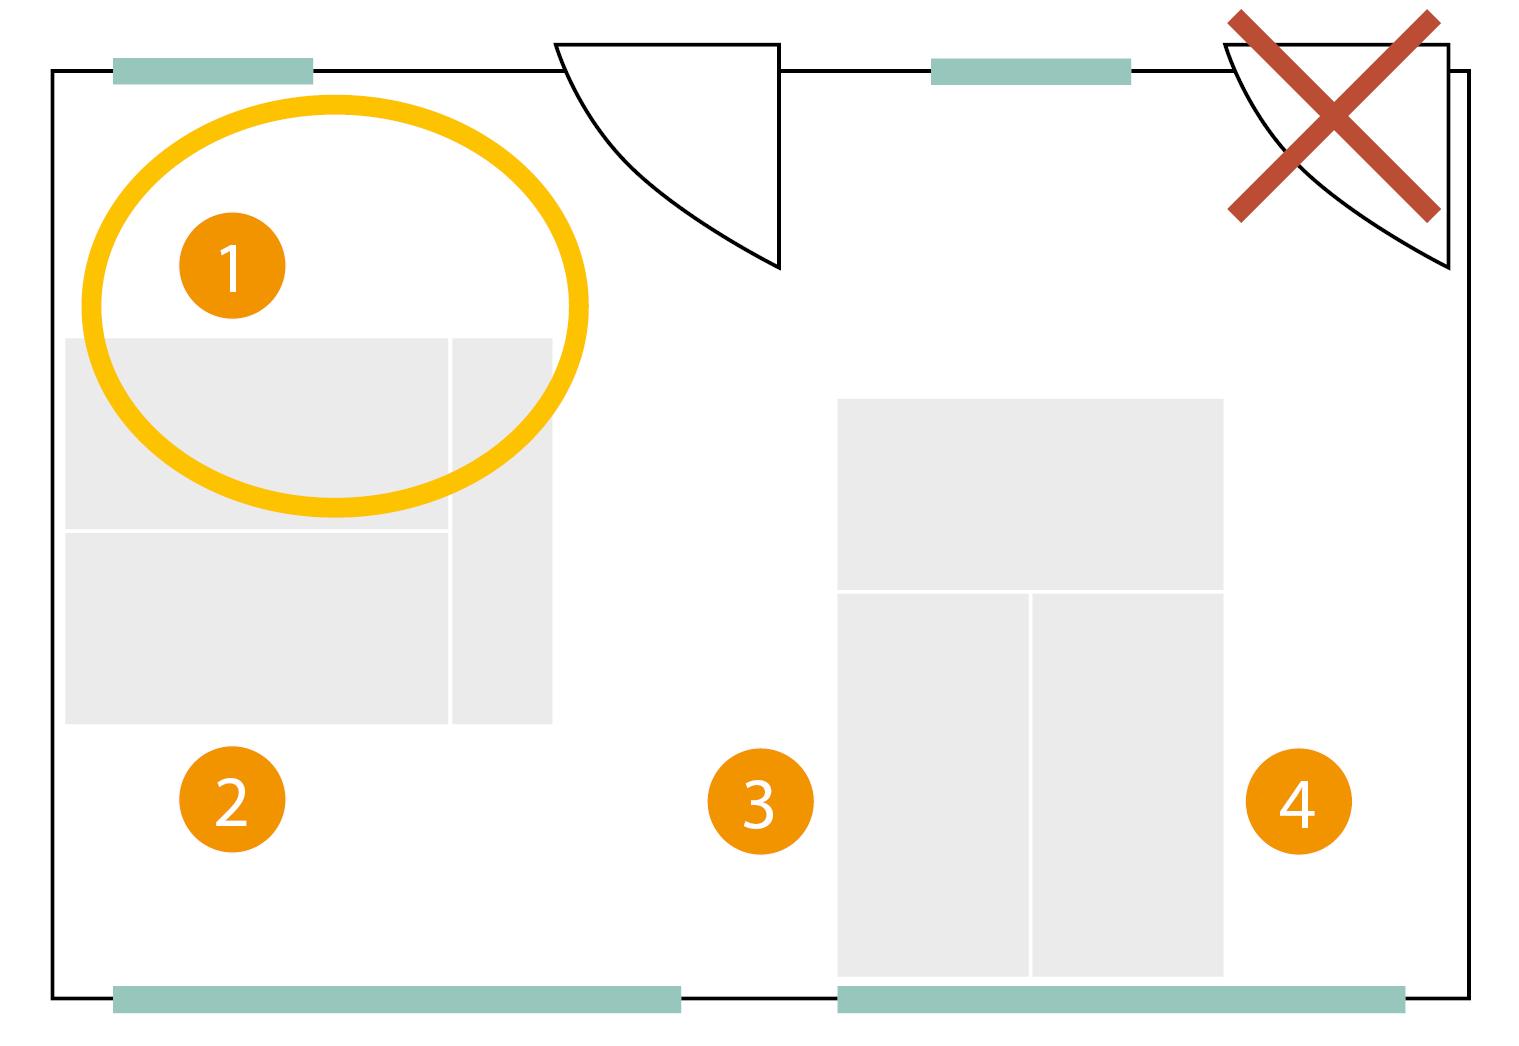 Dieser Plan zeigt das Beispielbüro, welches von Feng Shui Consultant Susanne Grethlein (erfolgsraum.info) nach Feng Shui optimiert wird.